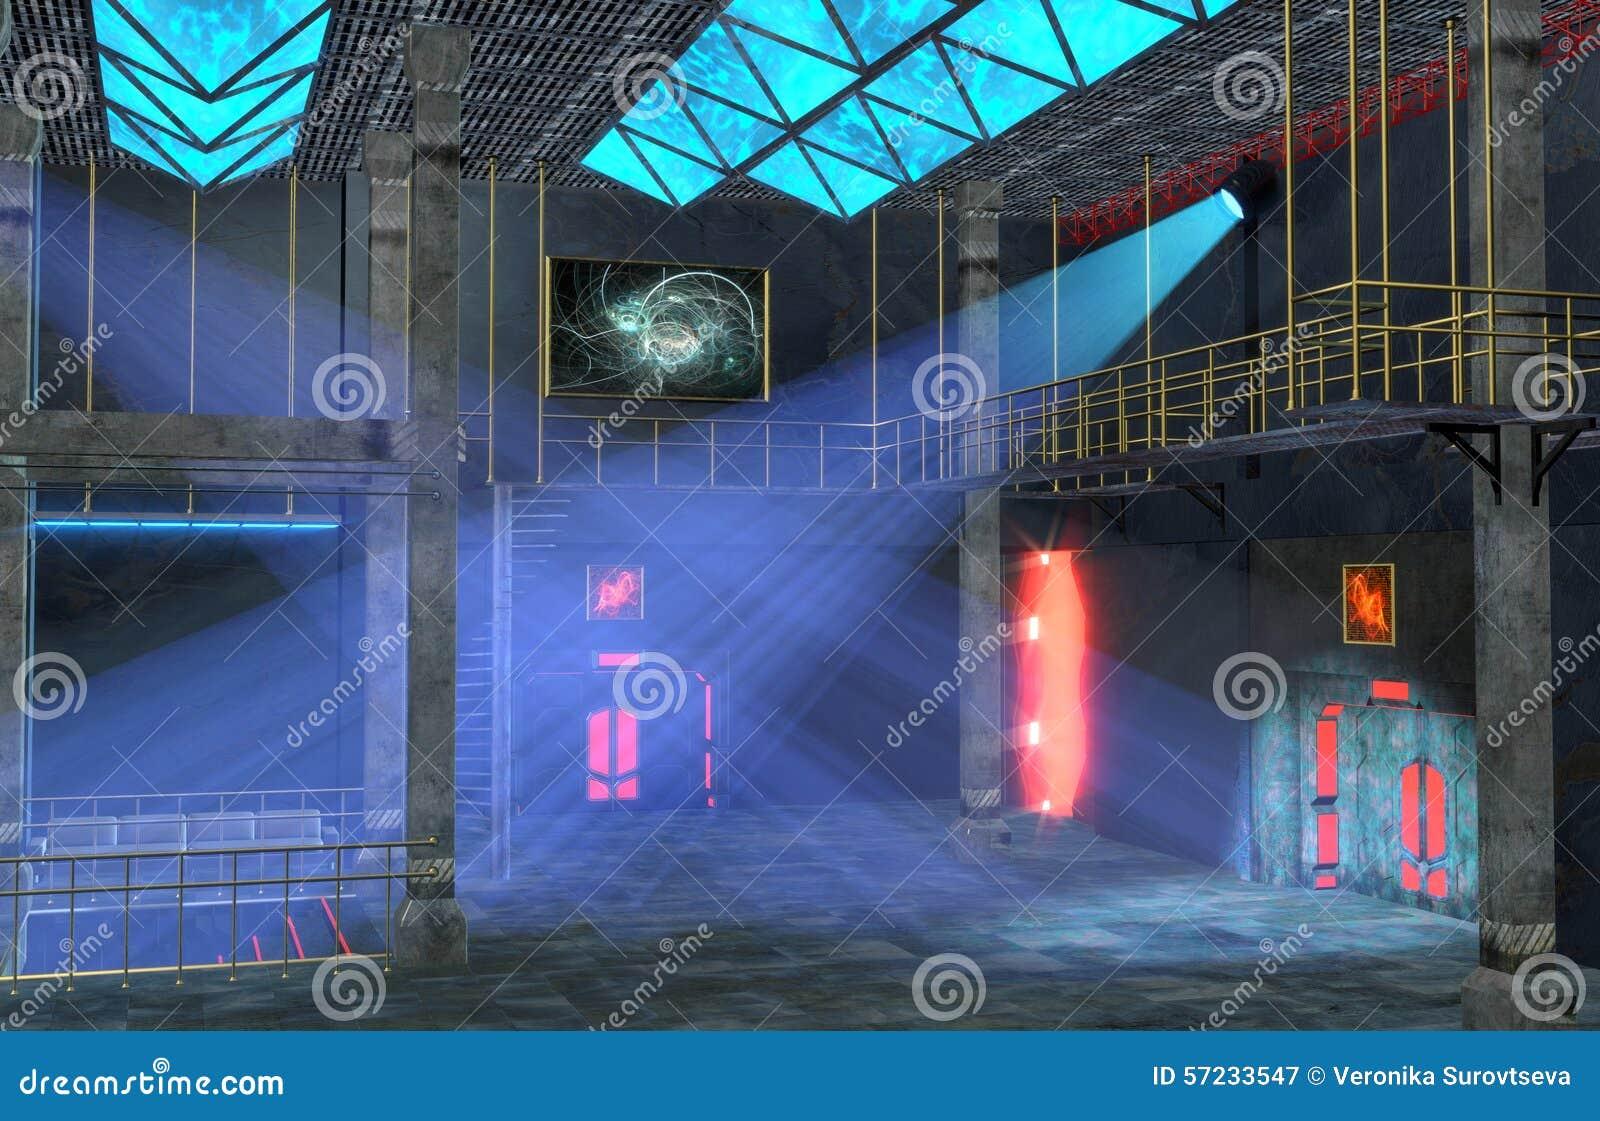 Ночной научный клуб вакансии охранника в ночной клуб